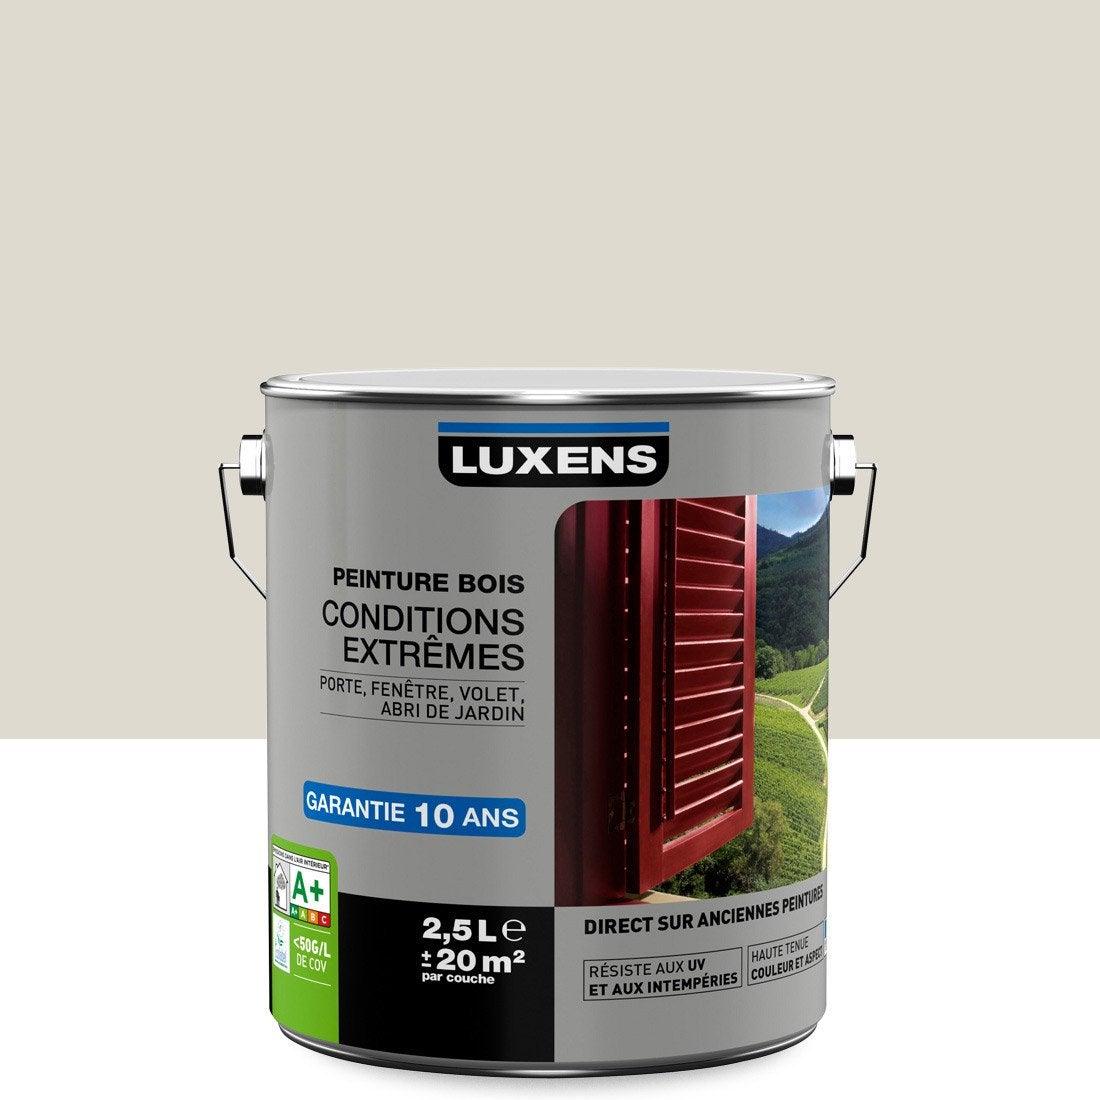 Peinture bois ext rieur conditions extr mes luxens blanc - Peinture leroy merlin luxens ...